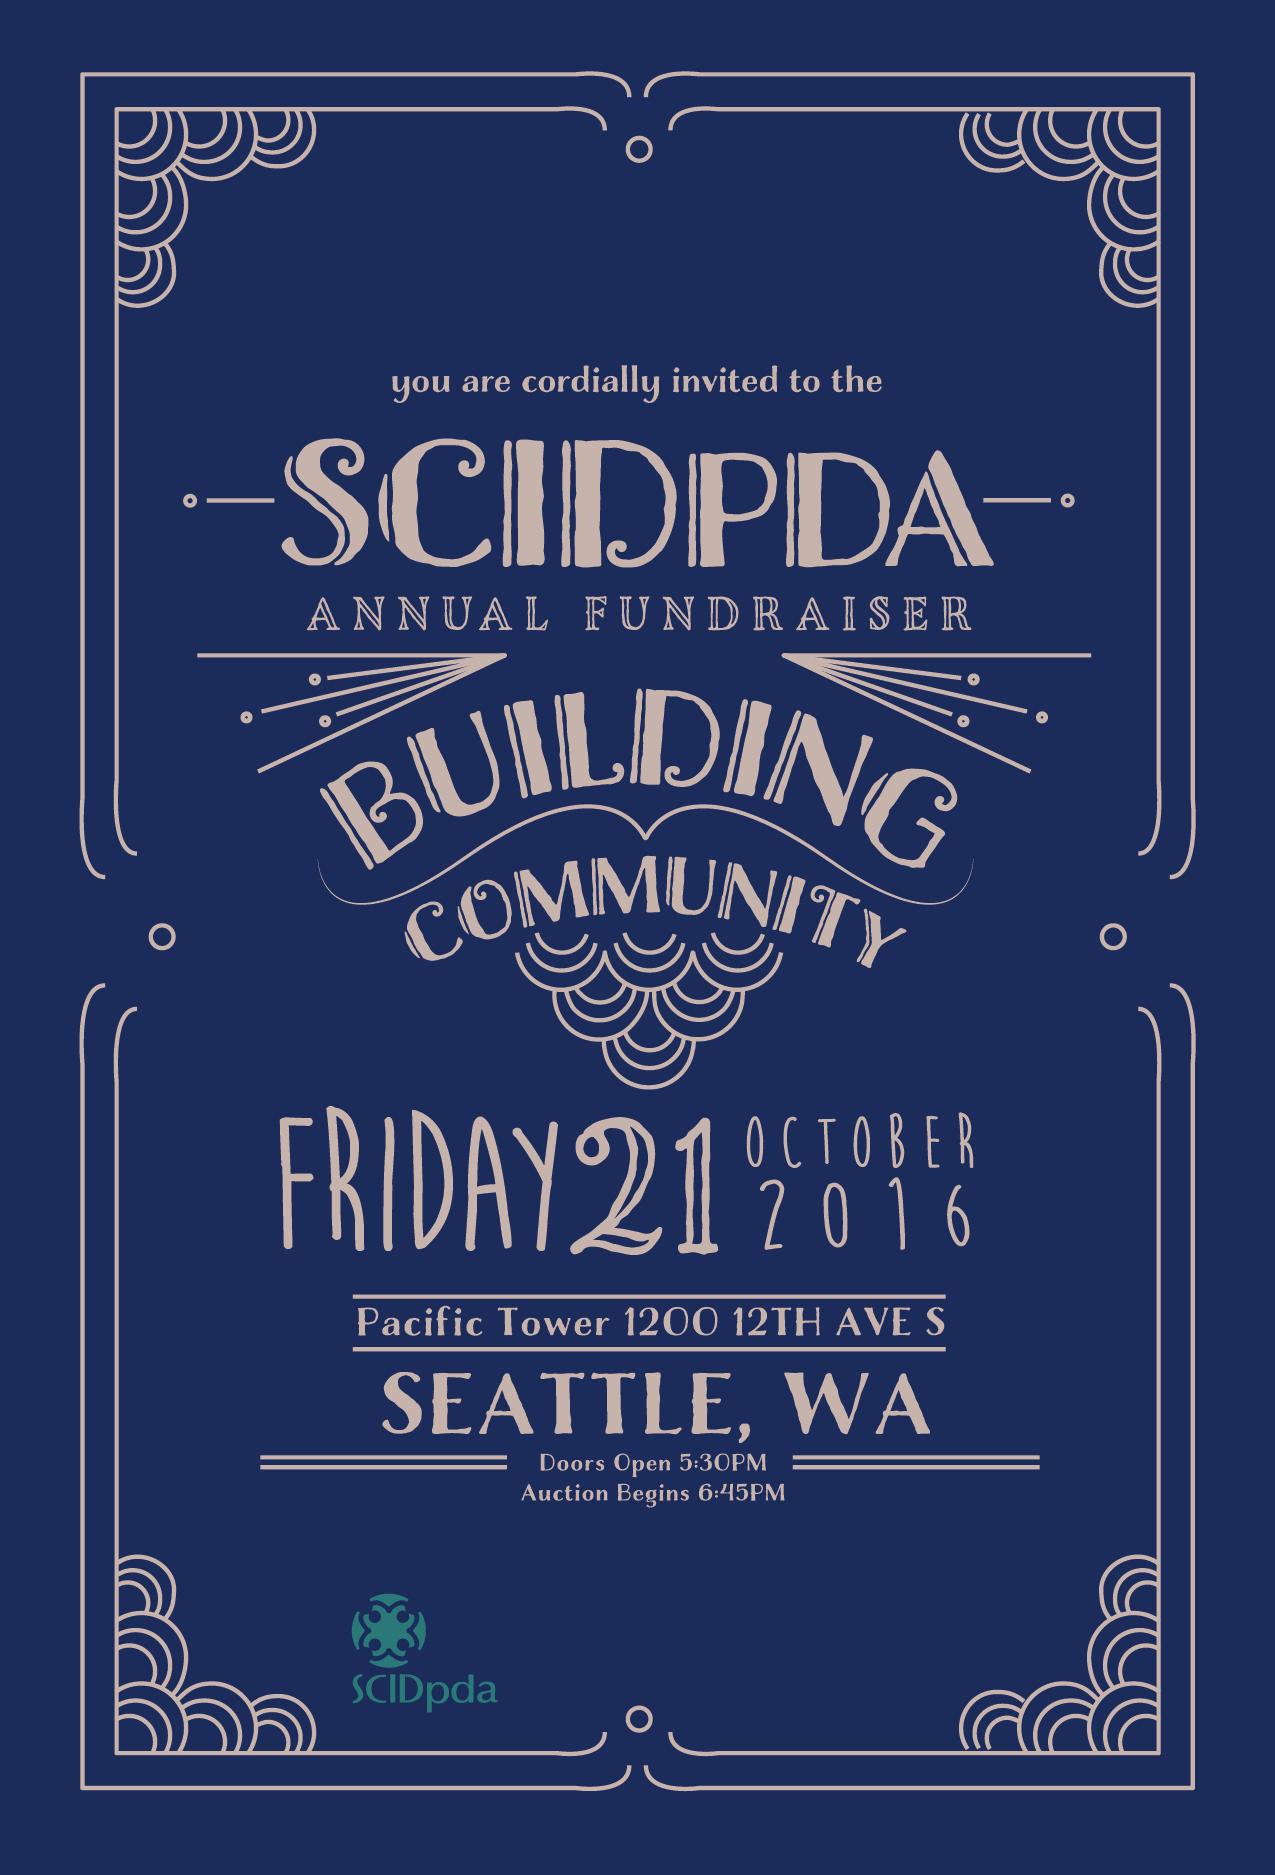 SCIDpda_Fundraiser2016_Invite_052816-06